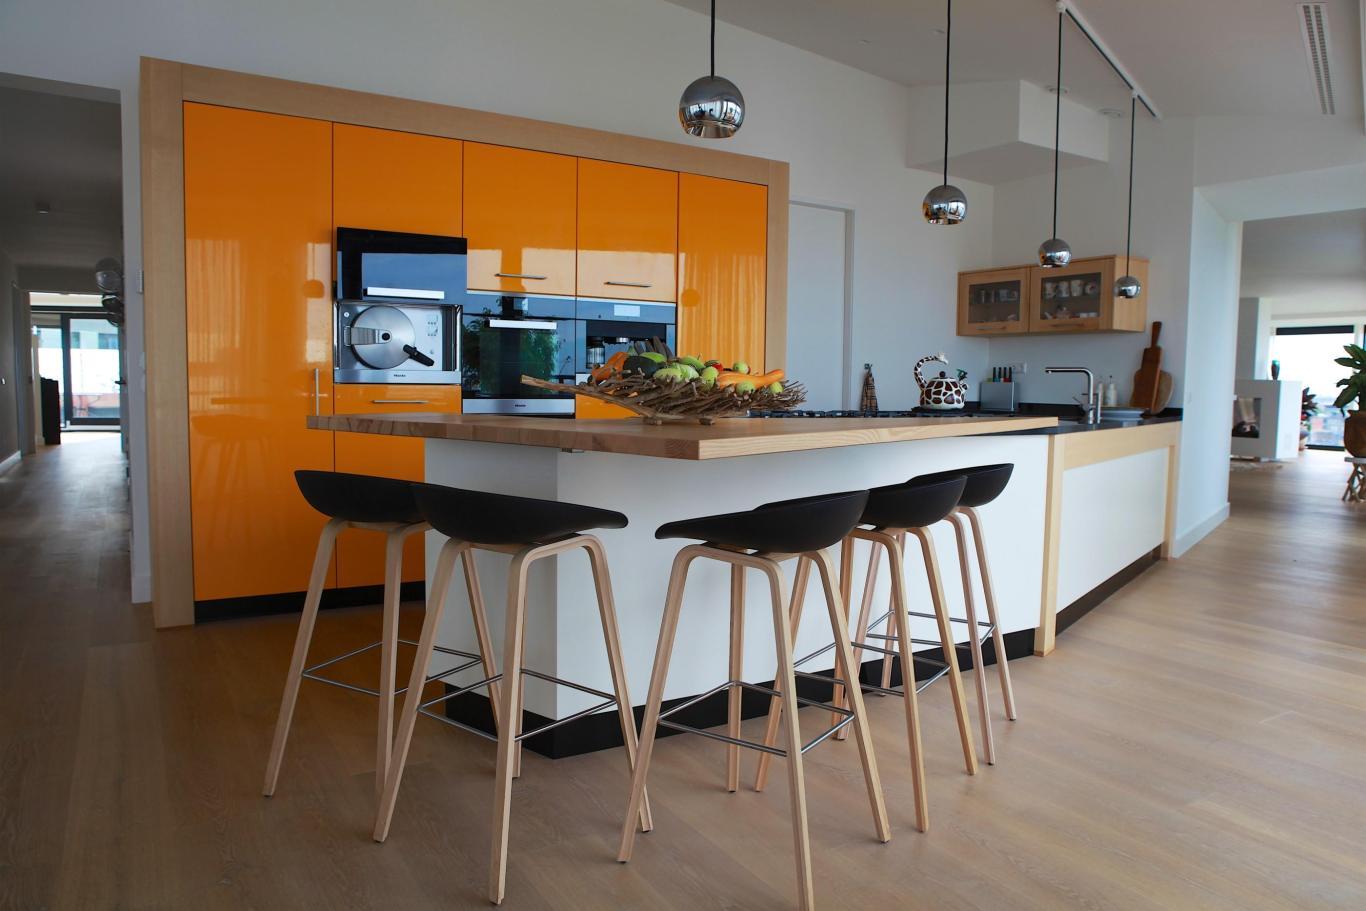 Keuken oranje en stoelen